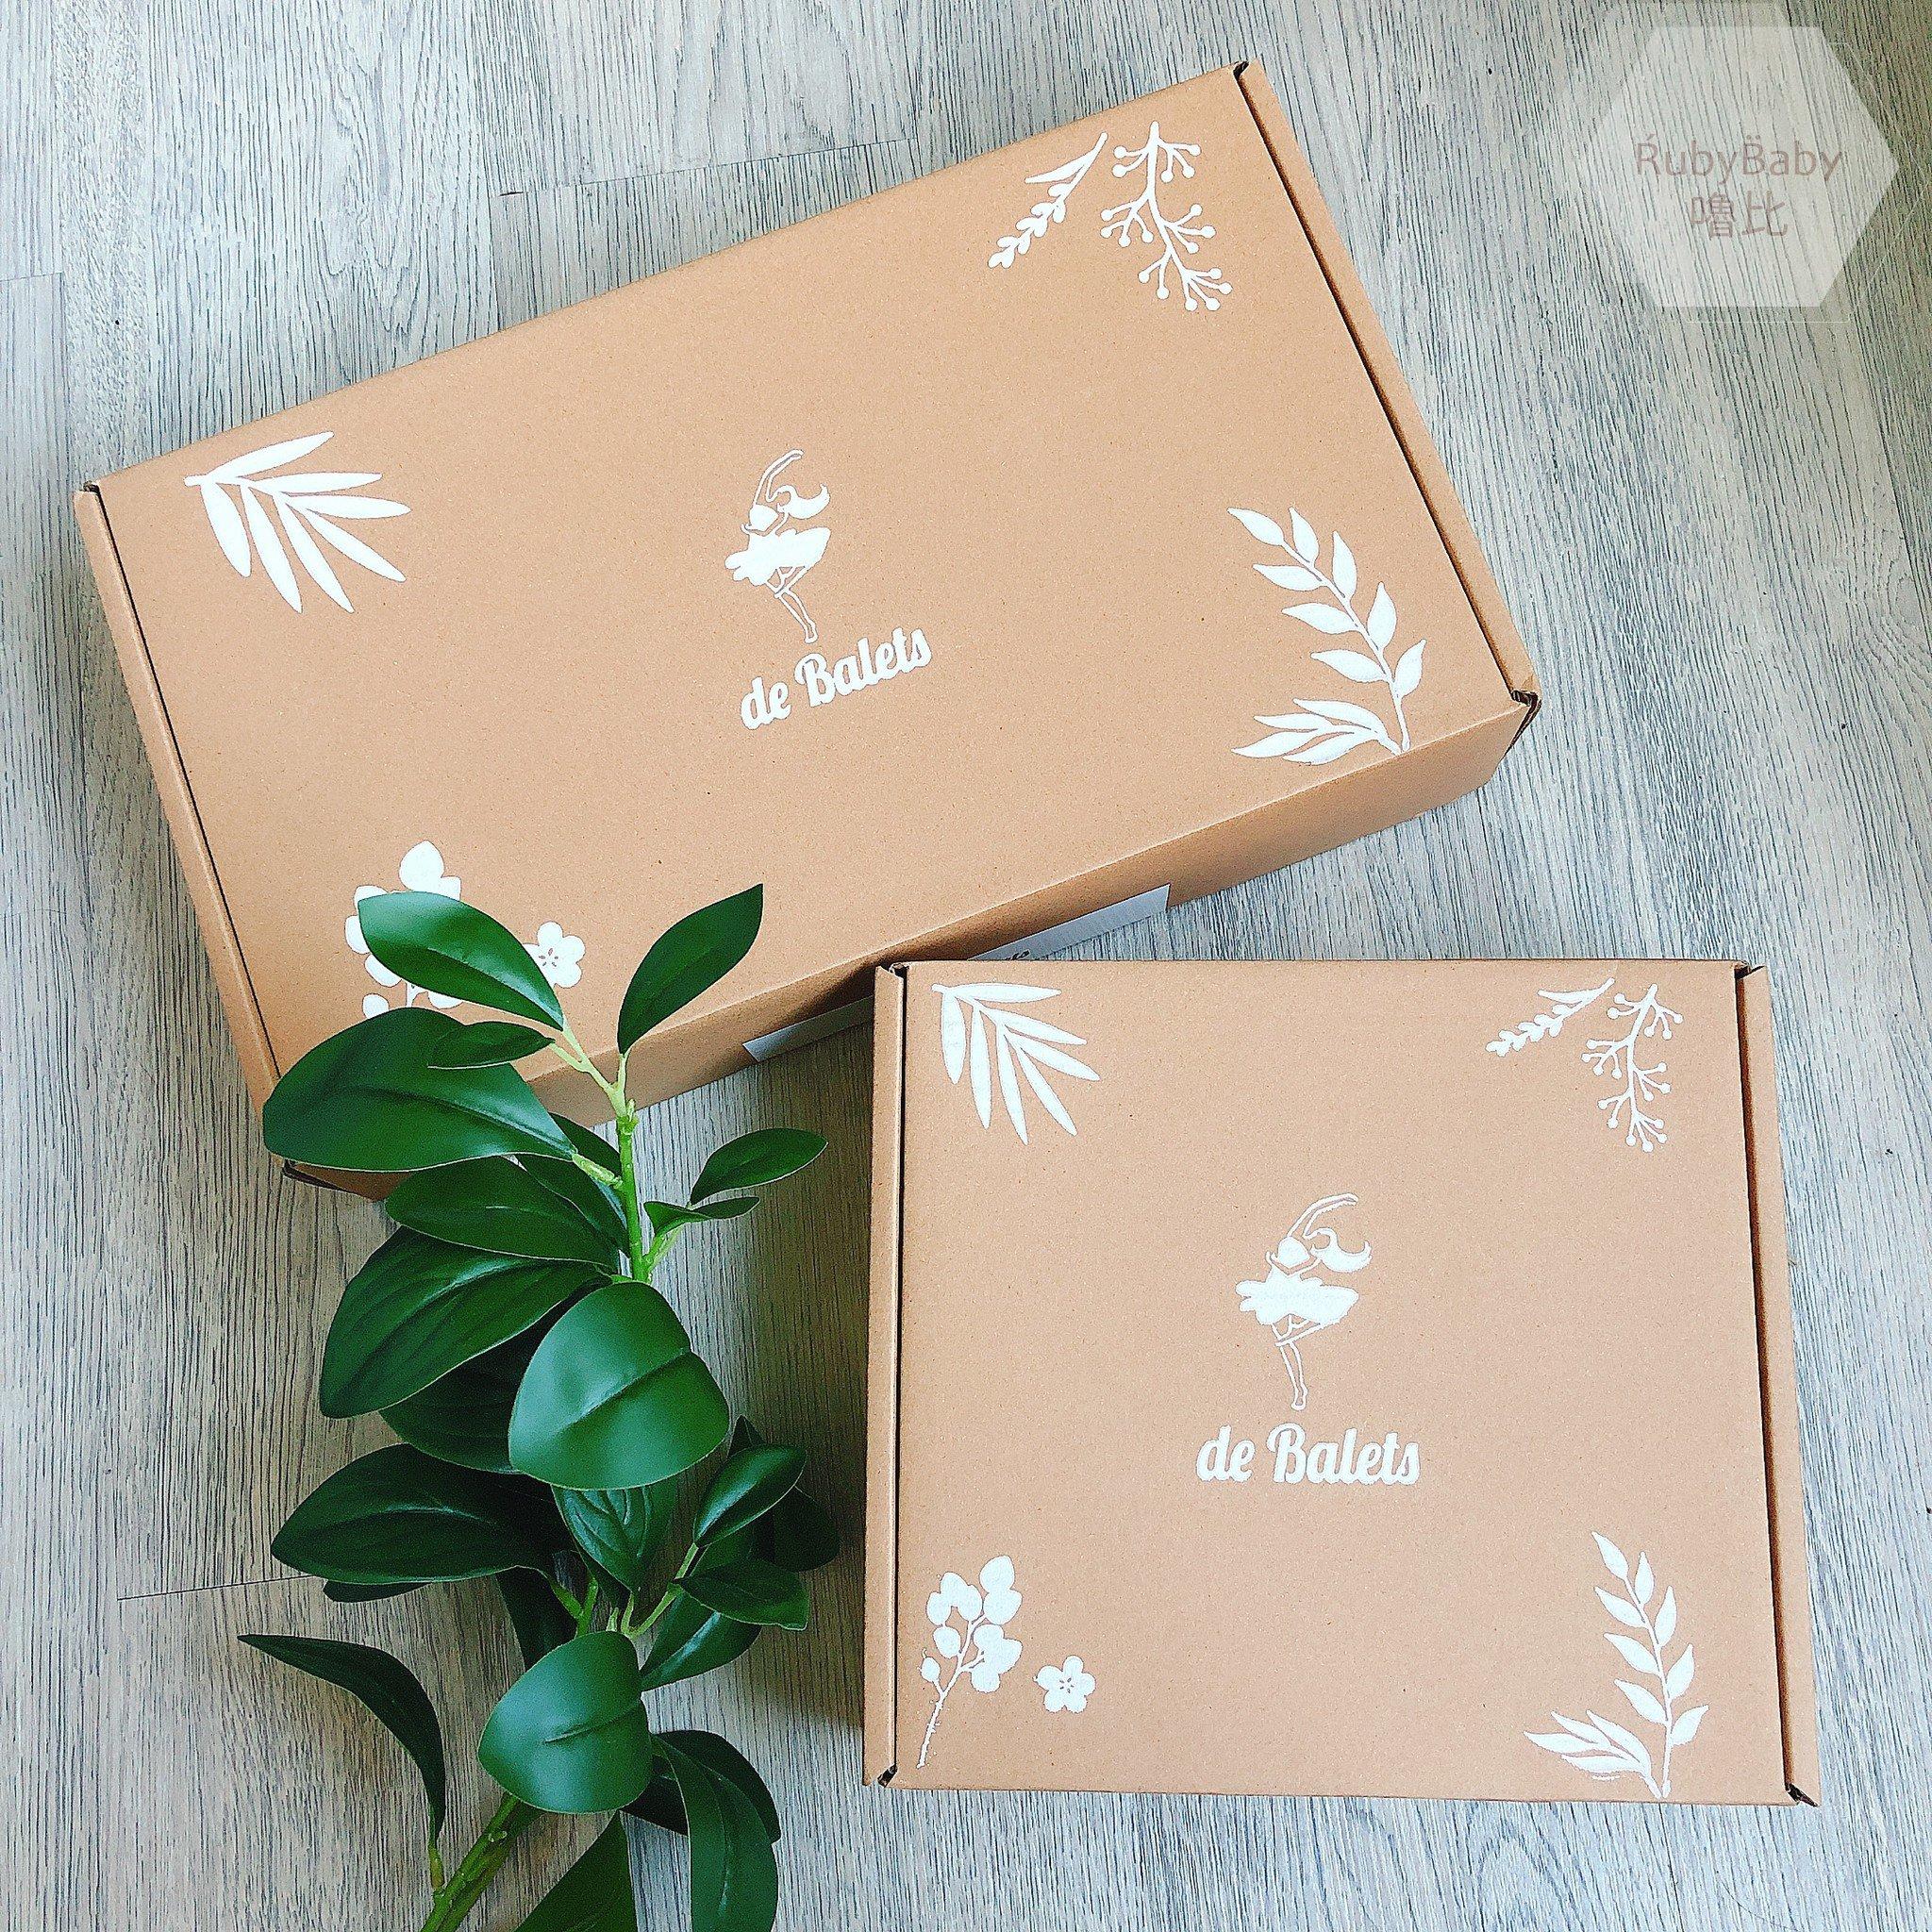 小巴黎 de Balets親膚睡衣禮盒包裝